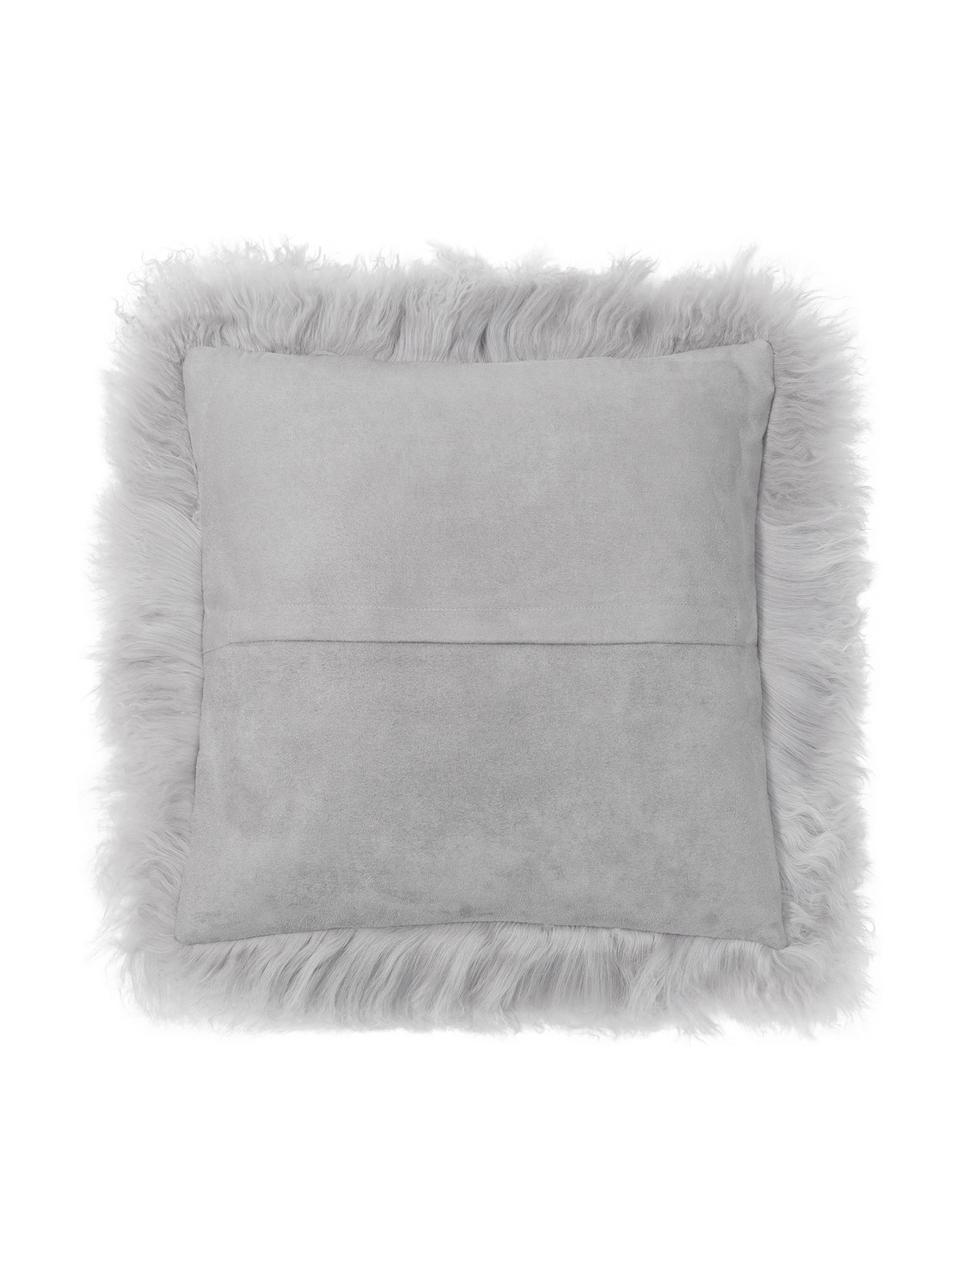 Poszewka na poduszkę ze skóry jagnięcej o długim włosiu Ella, Jasnoszary, S 40 x D 40 cm